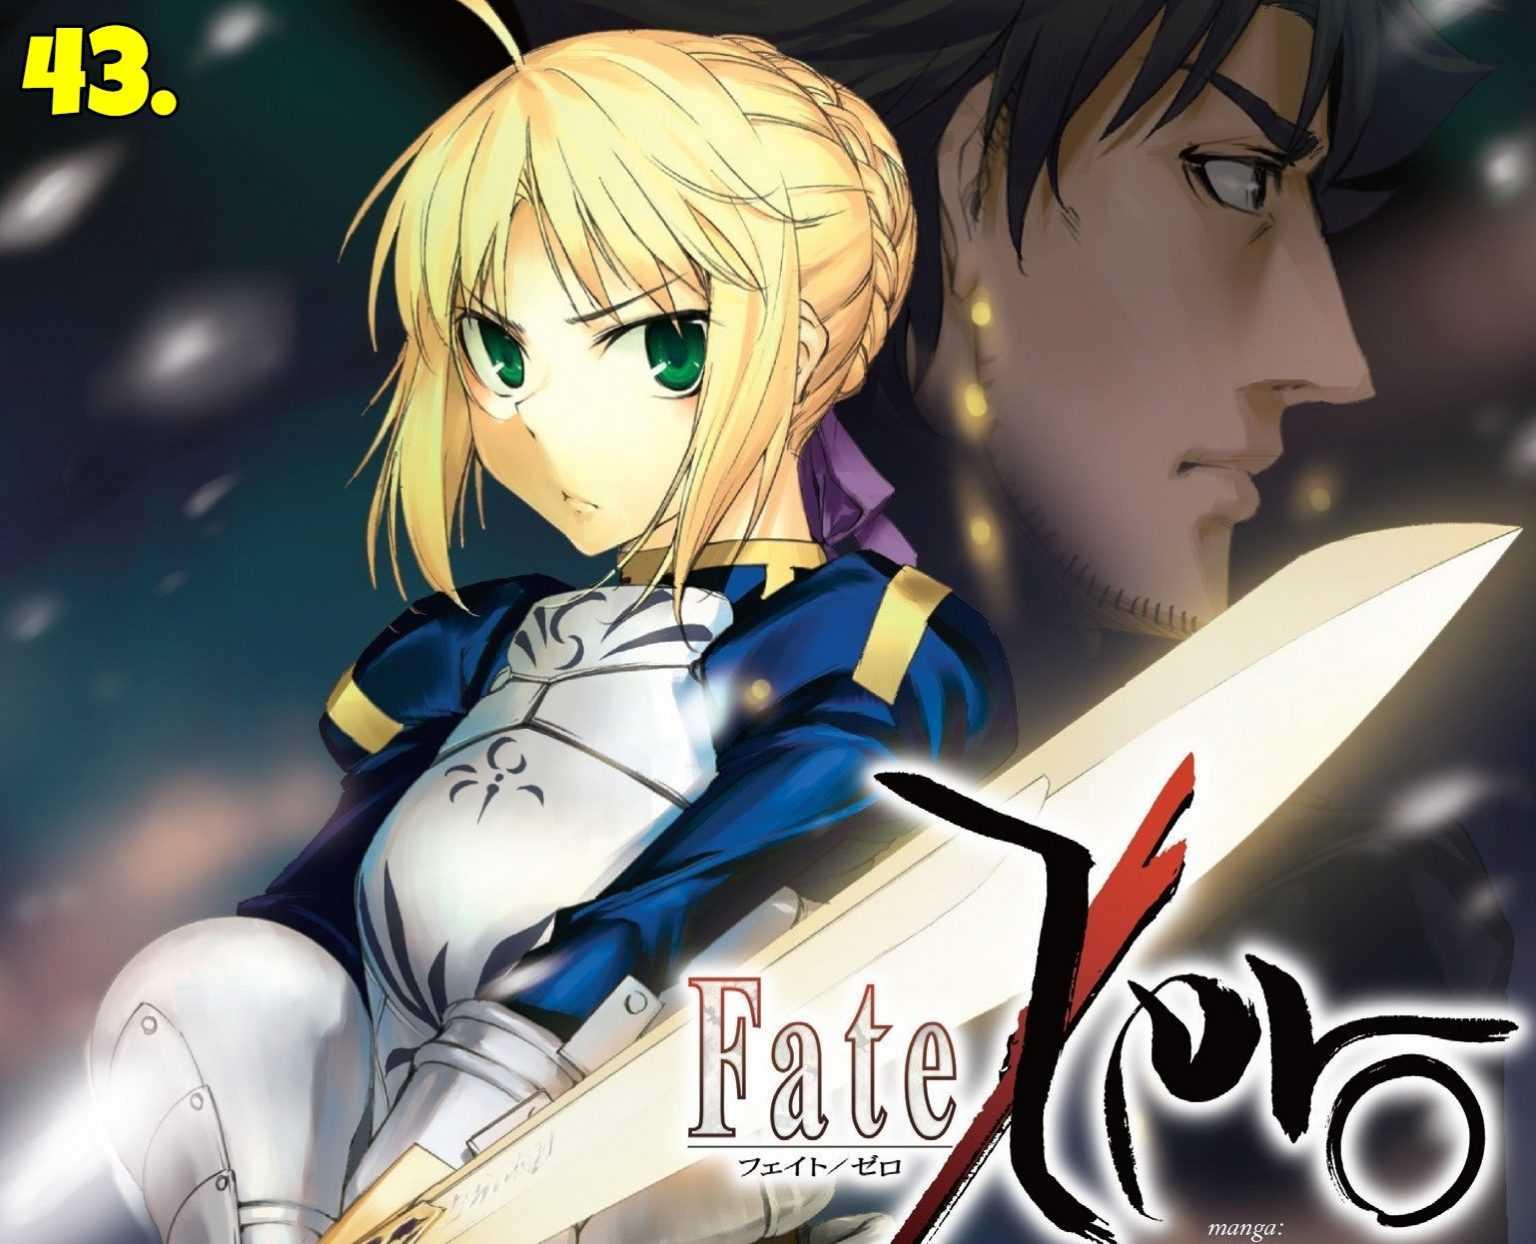 Fate-Zero